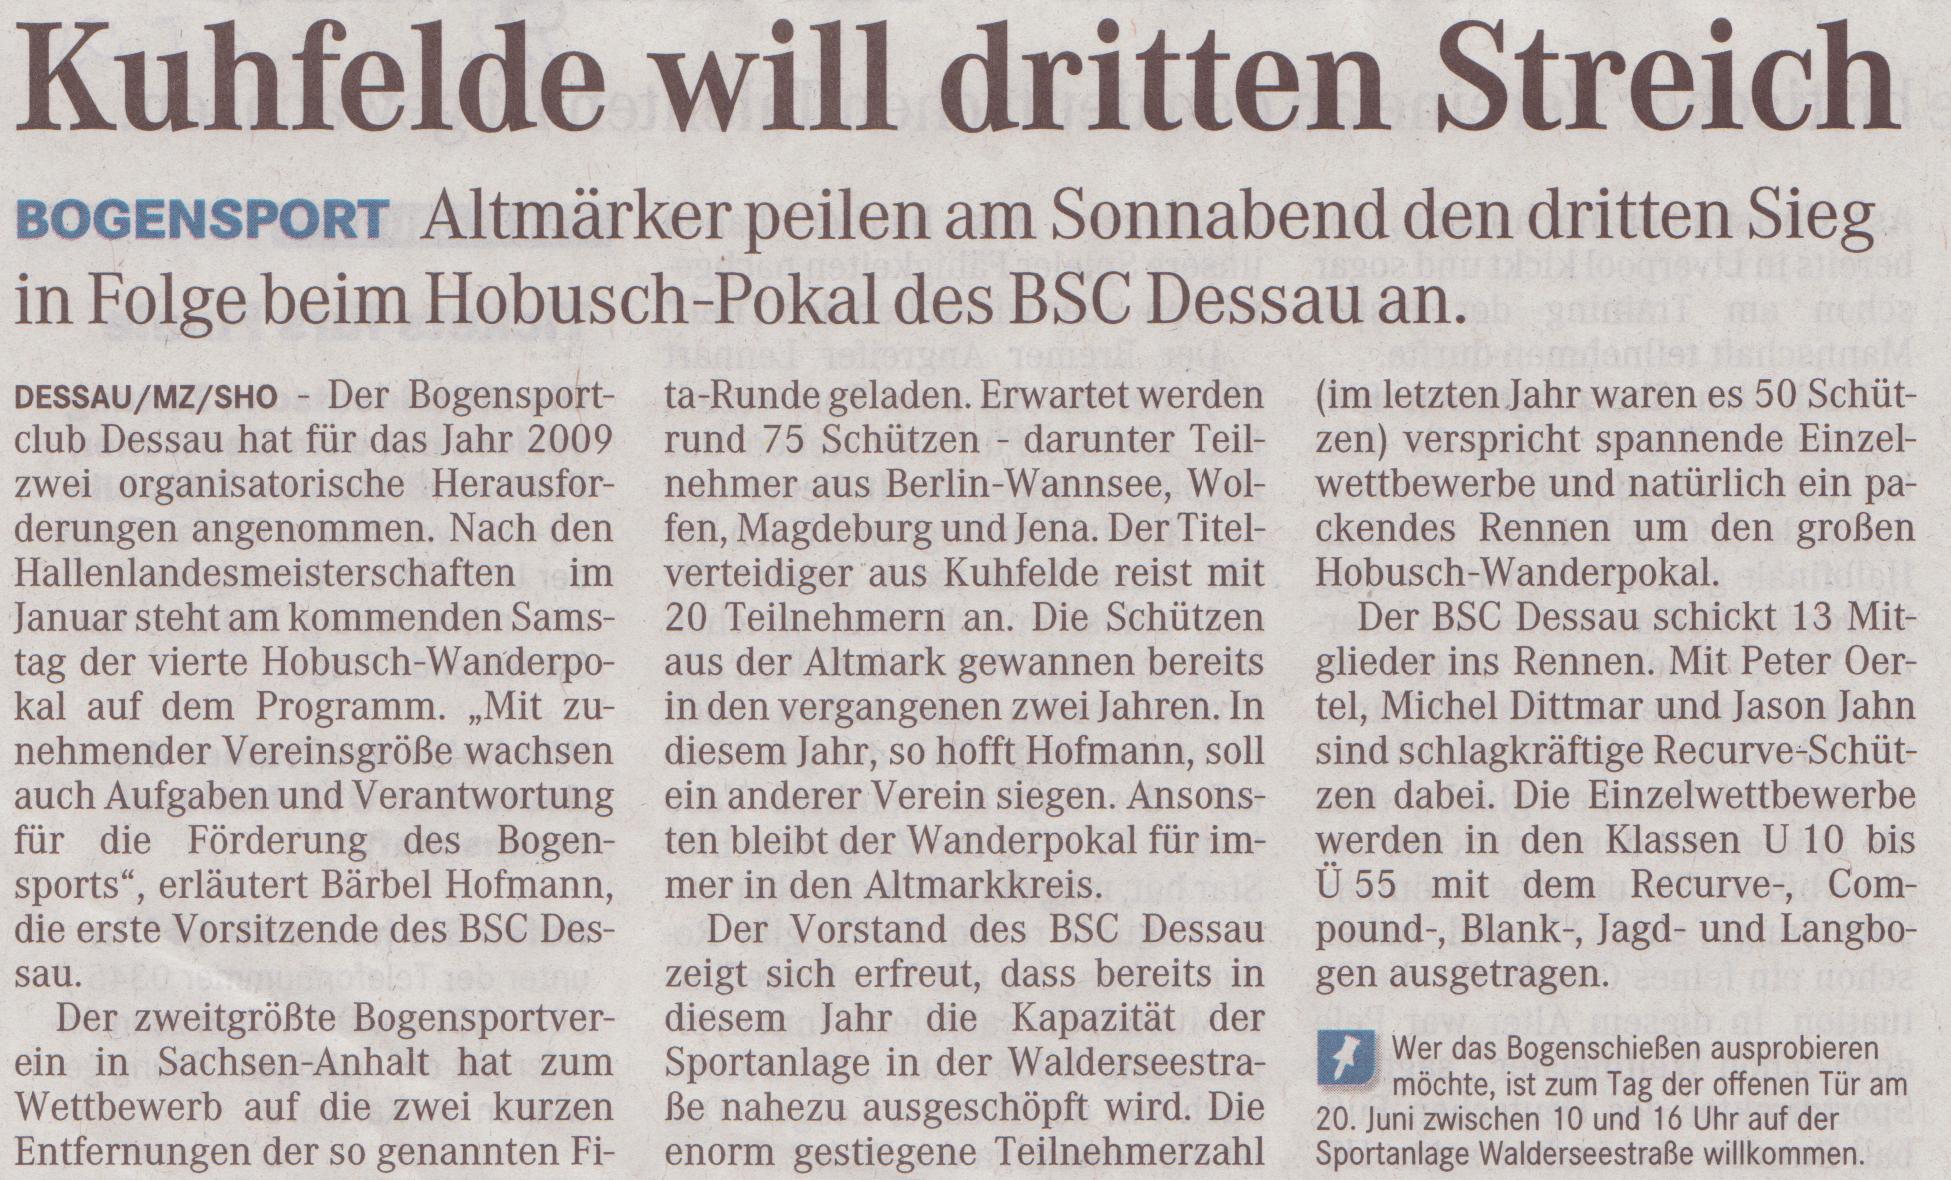 Ankündigung 4. Hobusch-Wanderpokal – Mitteldeutsche Zeitung vom 14.05.2009